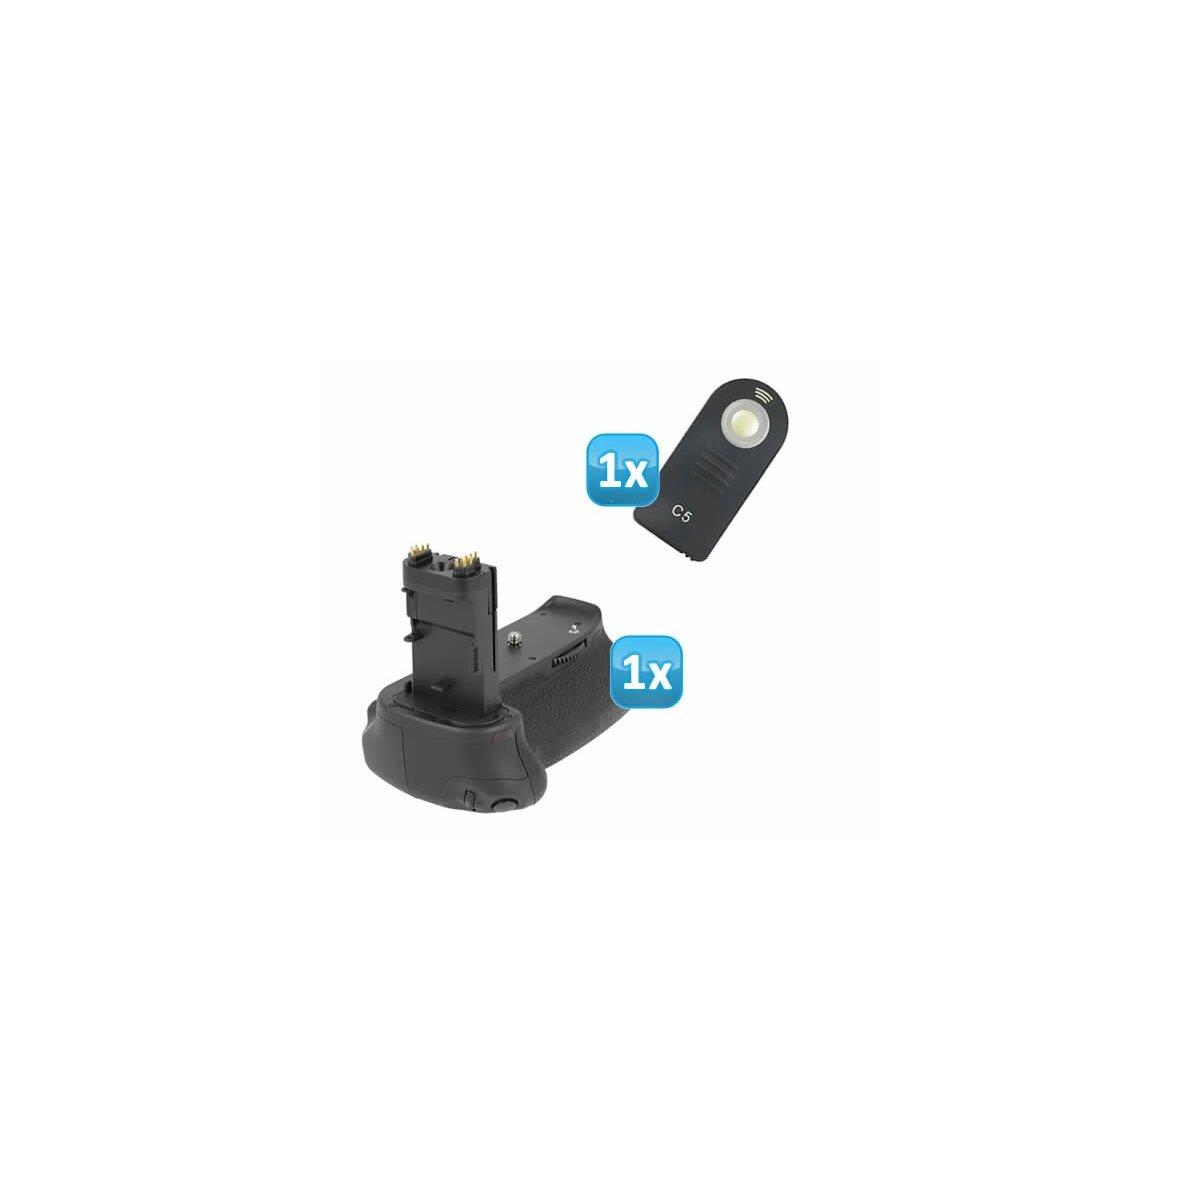 Batteriegriff fuer Canon EOS 6D mit INFRAROT Schnittstelle - MX-E13-IR